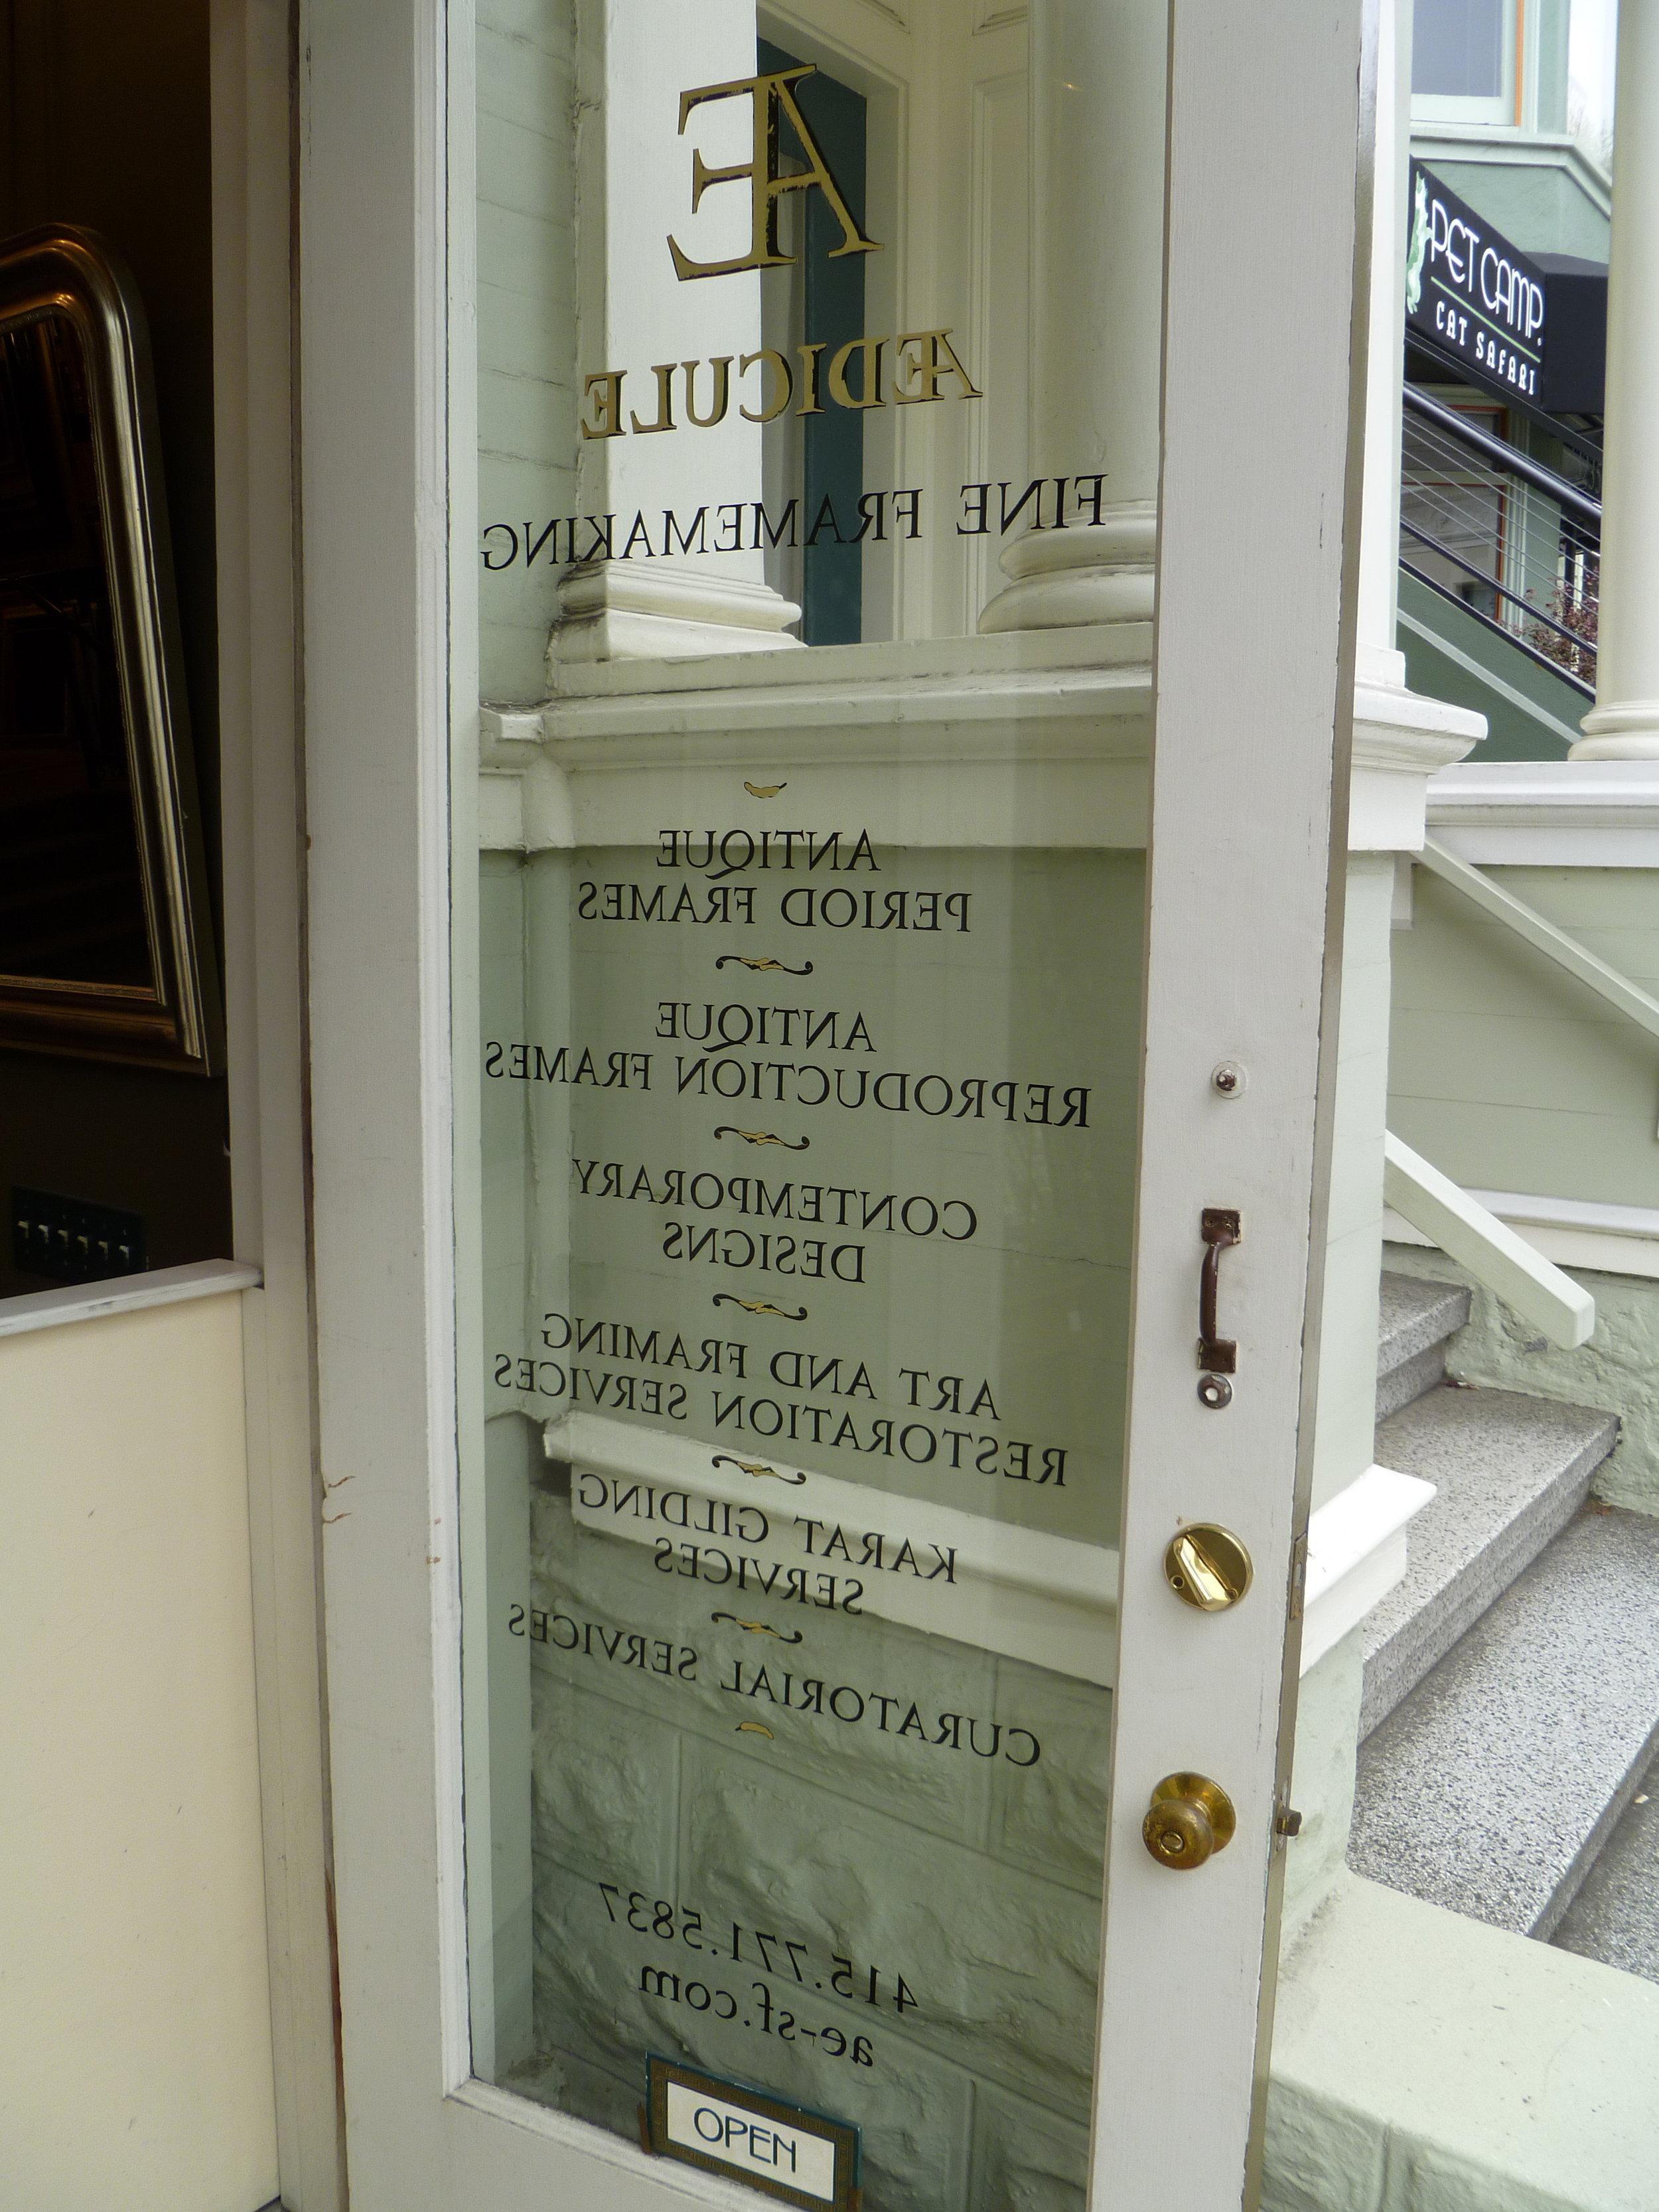 GOLD-aedicule-front-door-interior-view_5006174465_o.jpg